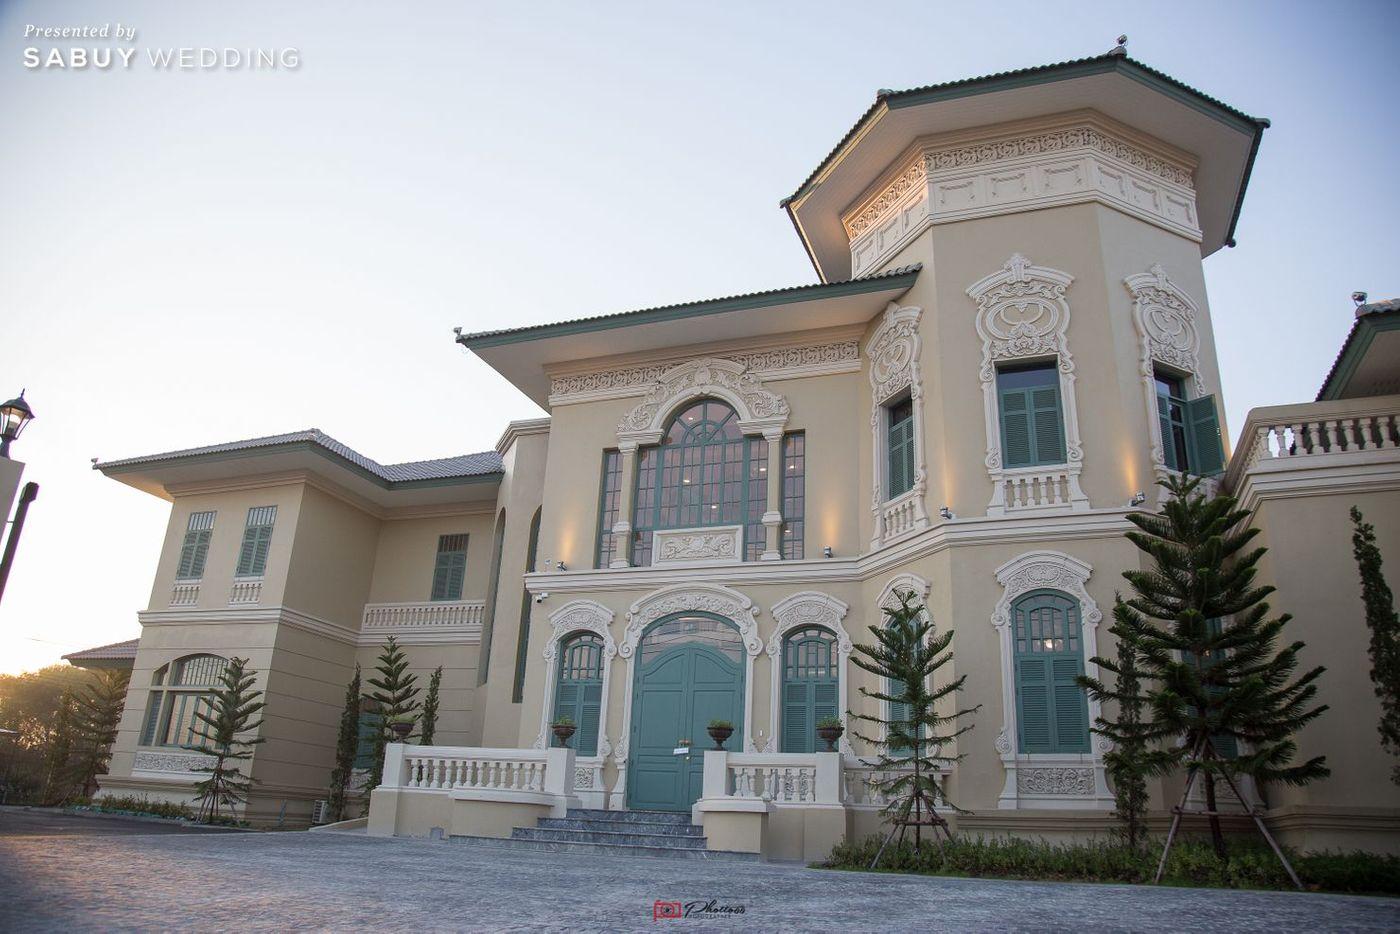 งานแต่งงาน,สถานที่แต่งงาน,สถานที่จัดงานแต่งงาน,จัดงานแต่งงาน รีวิวงานแต่งมินิมอล ตกแต่งน้อยแต่สวยปัง อลังด้วยสถานที่ @Villa De Bua